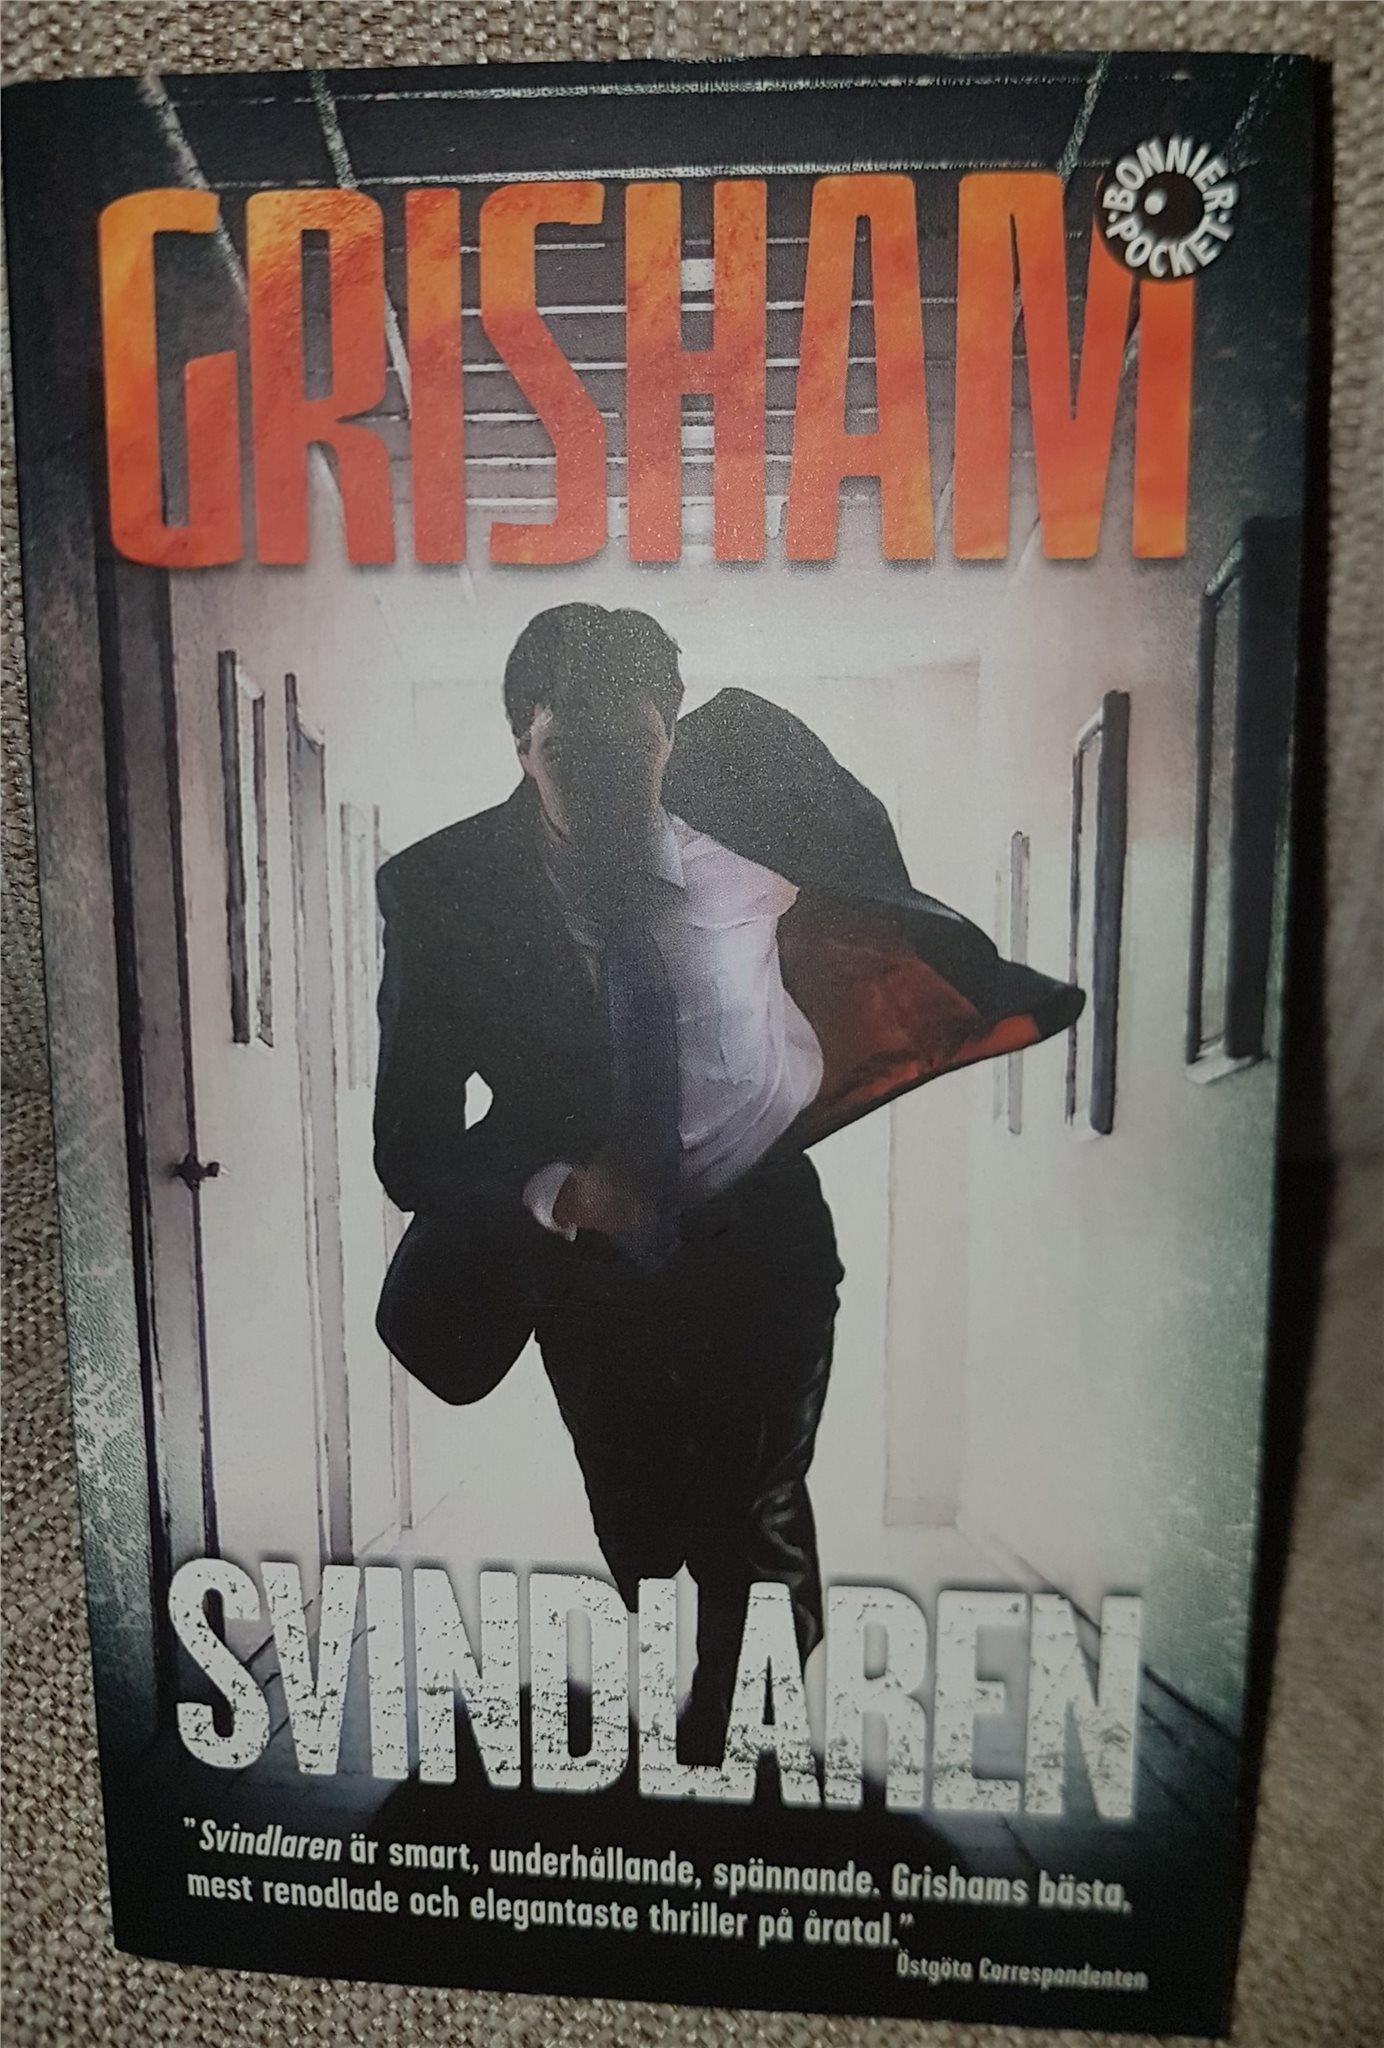 Grishams forsta blir ocksa film